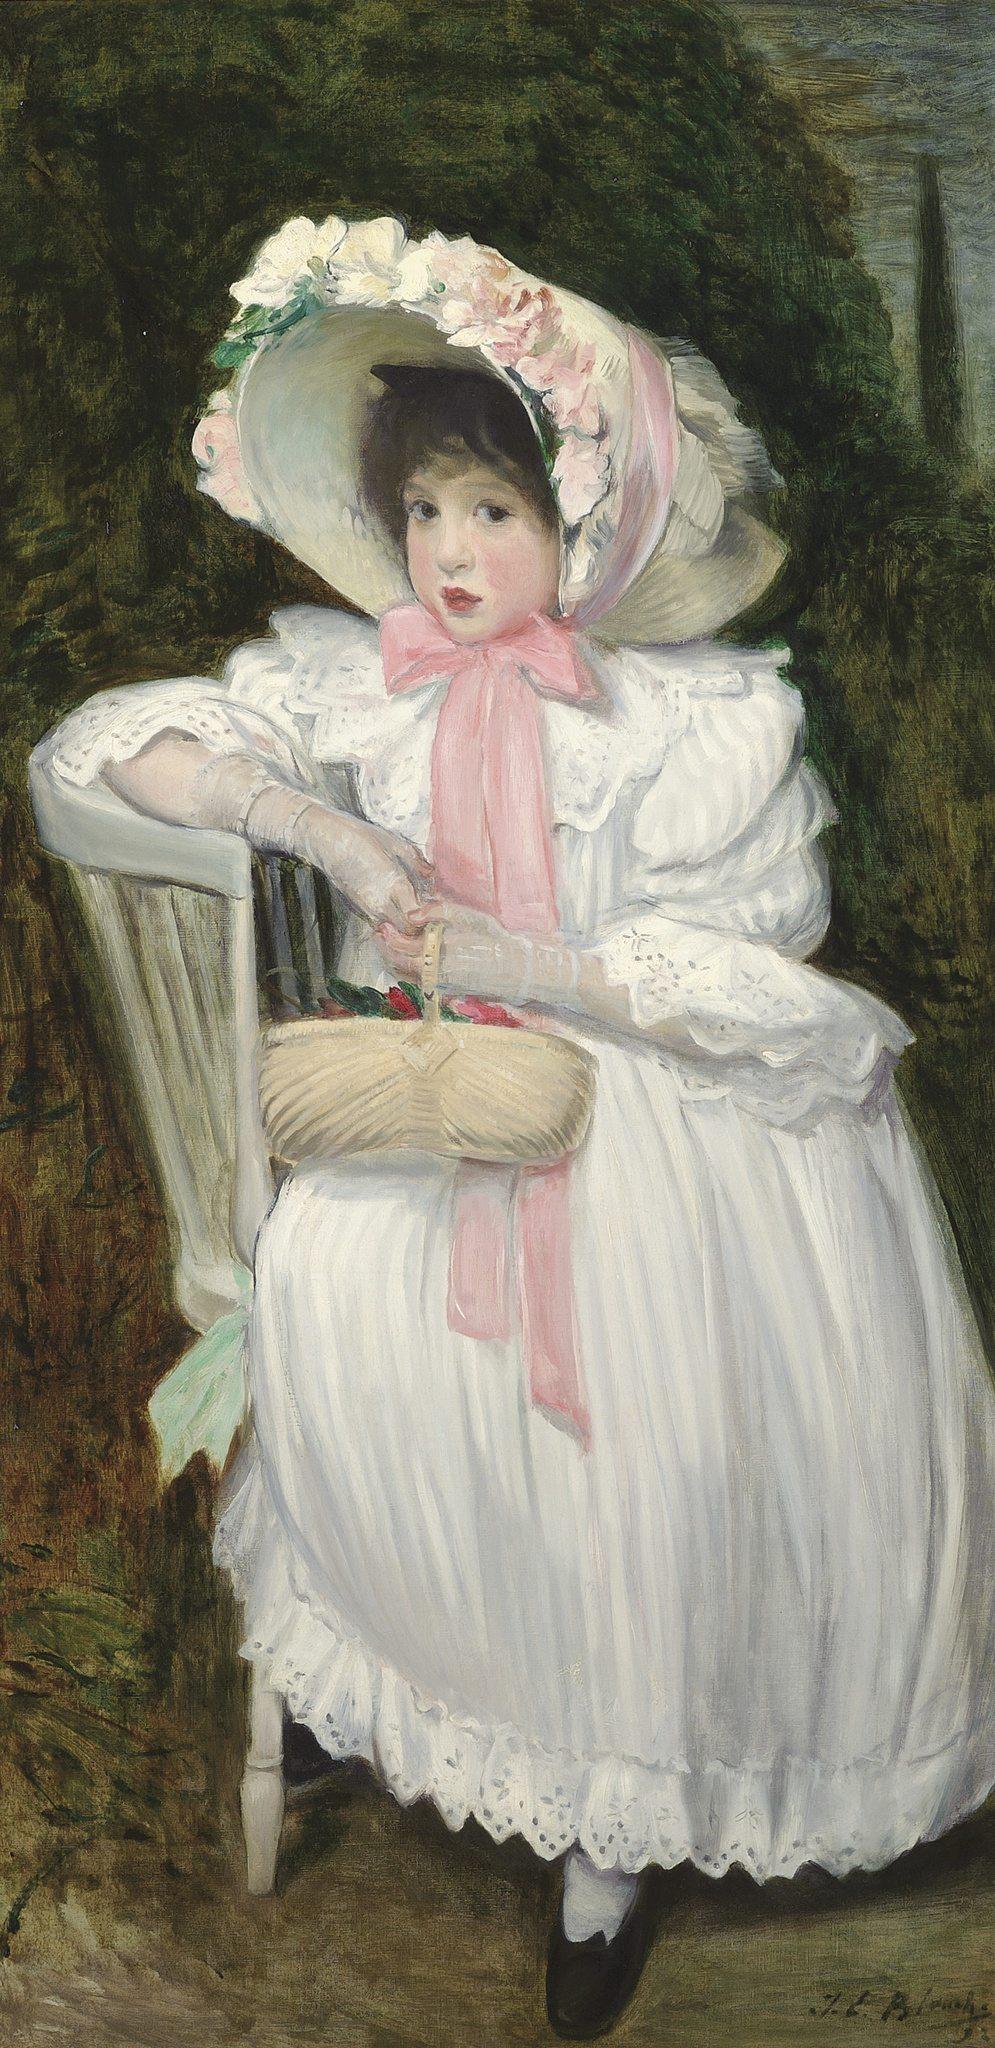 Blanche, Jacques-Emile ~ Wanda Zielinska, called La Pouponne